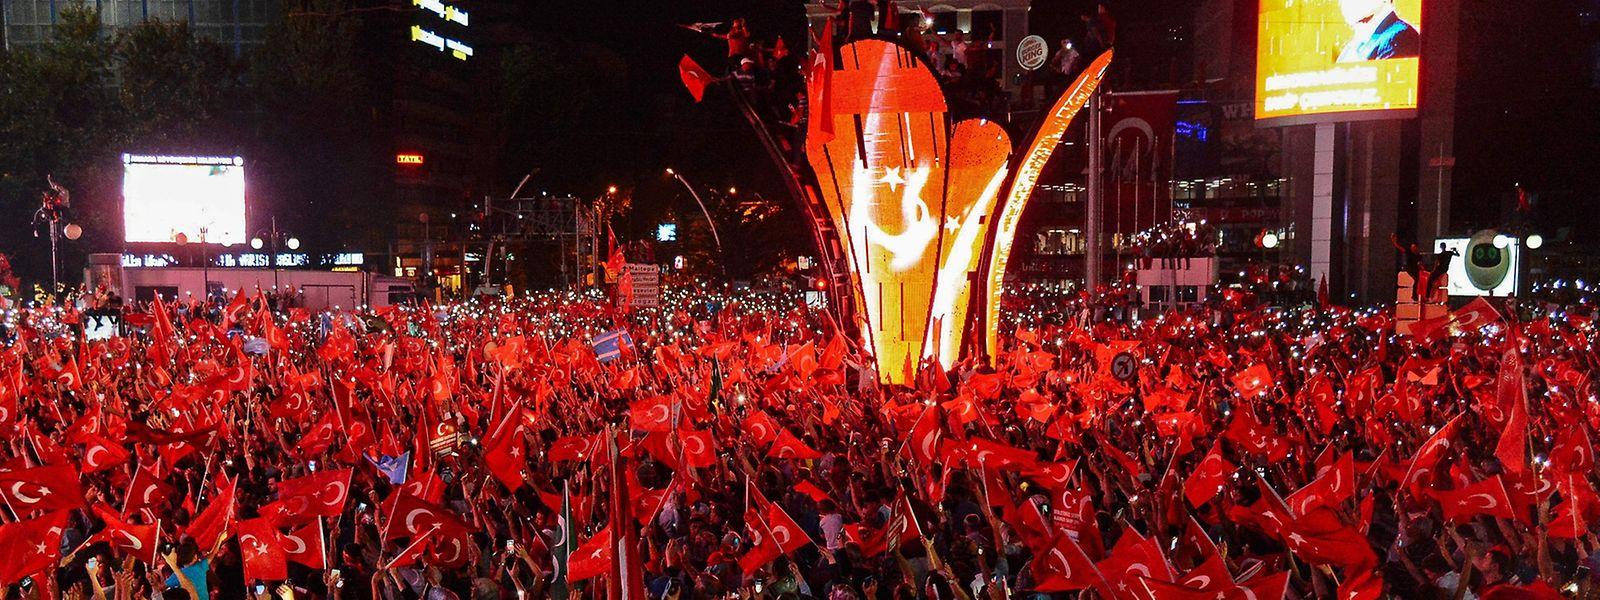 Tausende Demonstranten auf den Straßen von Ankara.